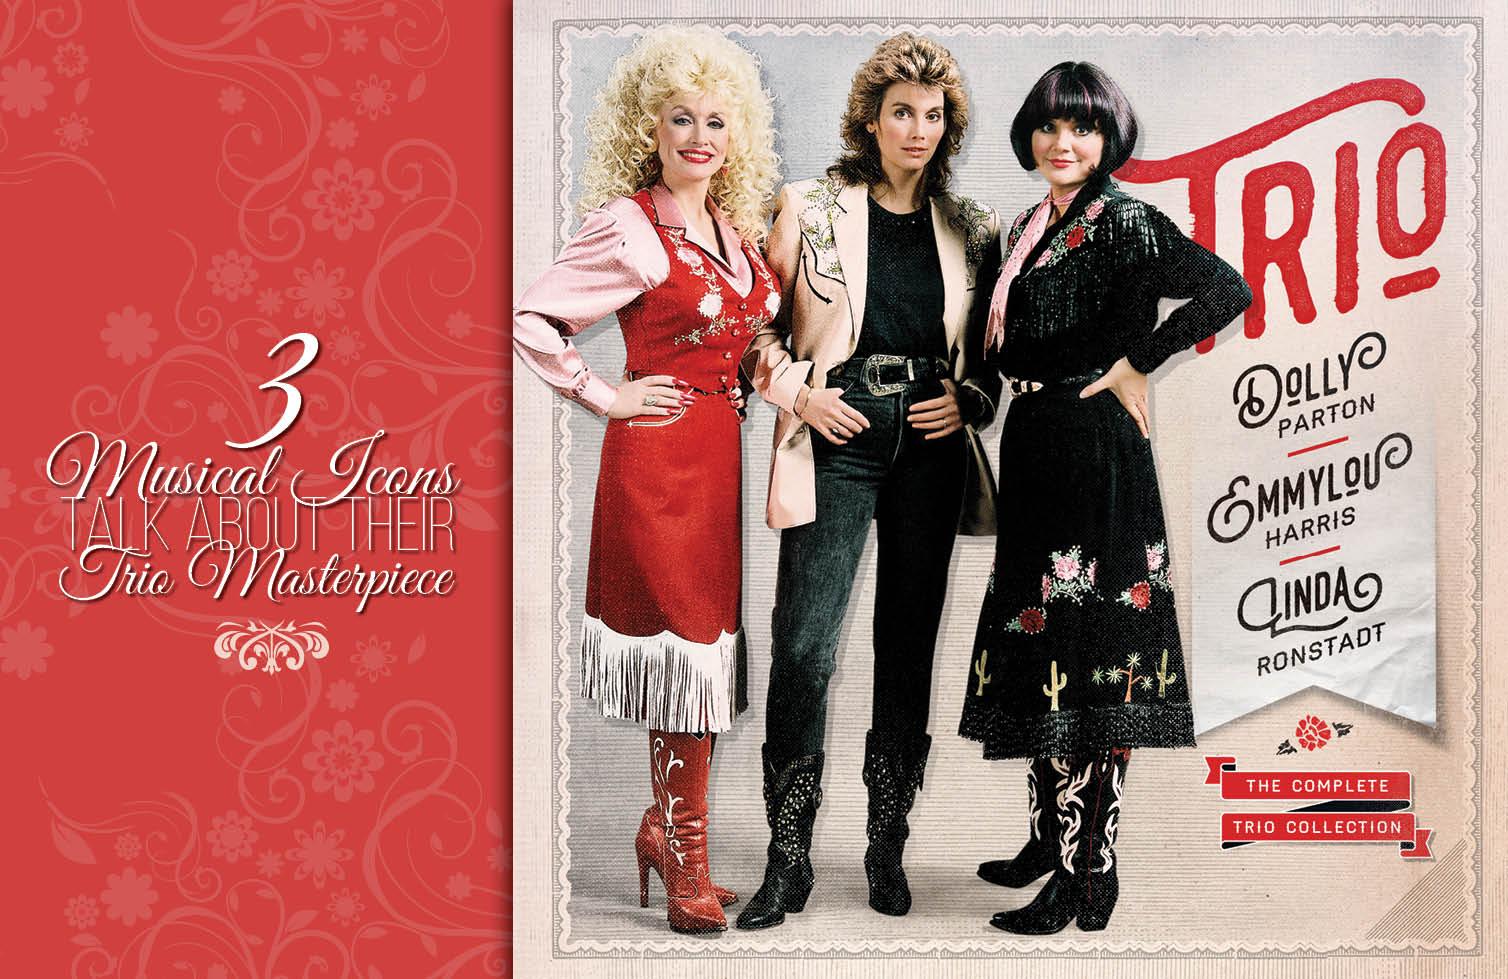 3 Musical Joans